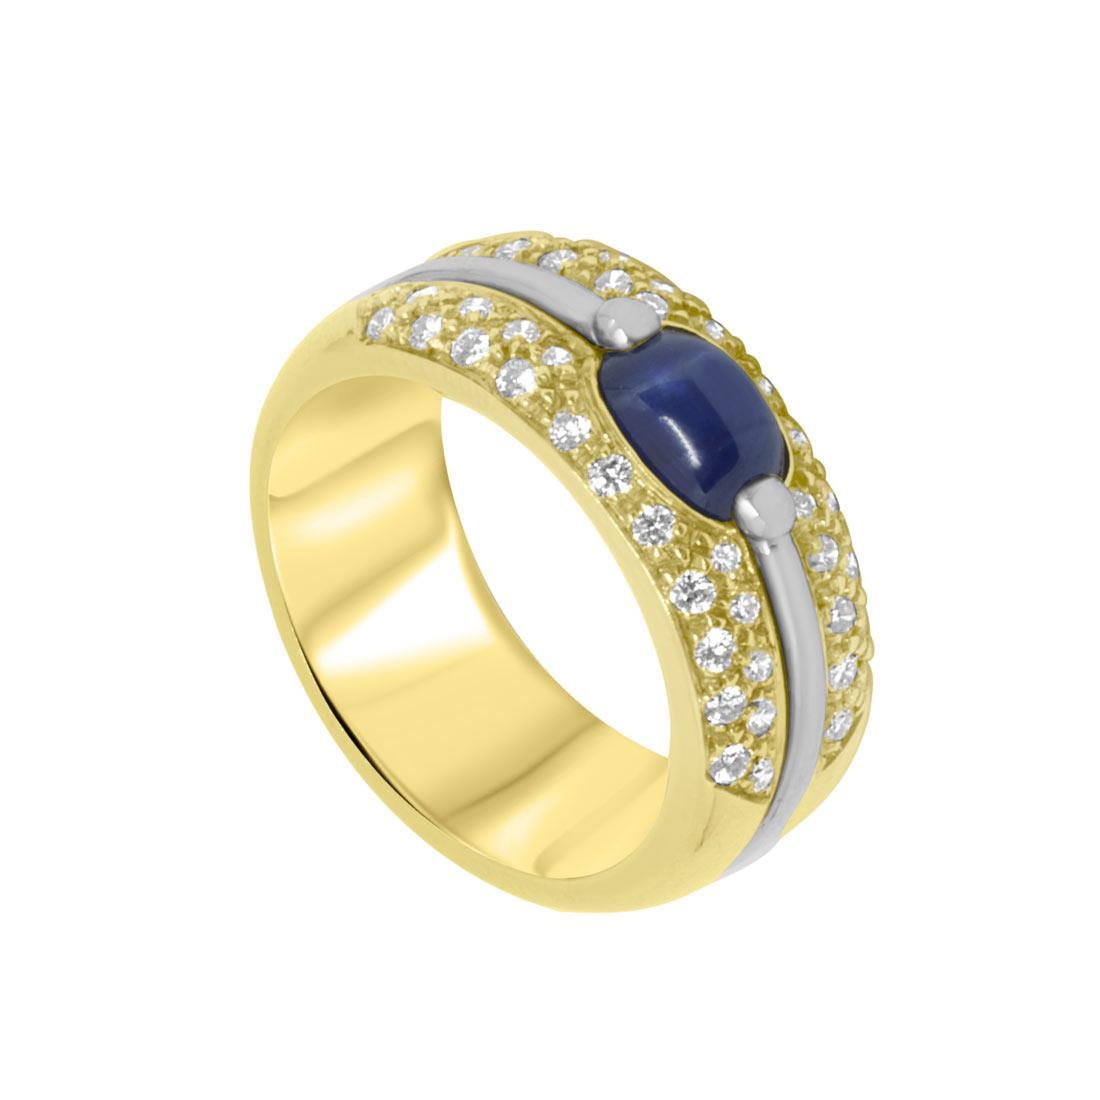 Anello in oro giallo con diamanti ct 0.58 e zaffiri ct 1.50, misura 15 - ORO&CO